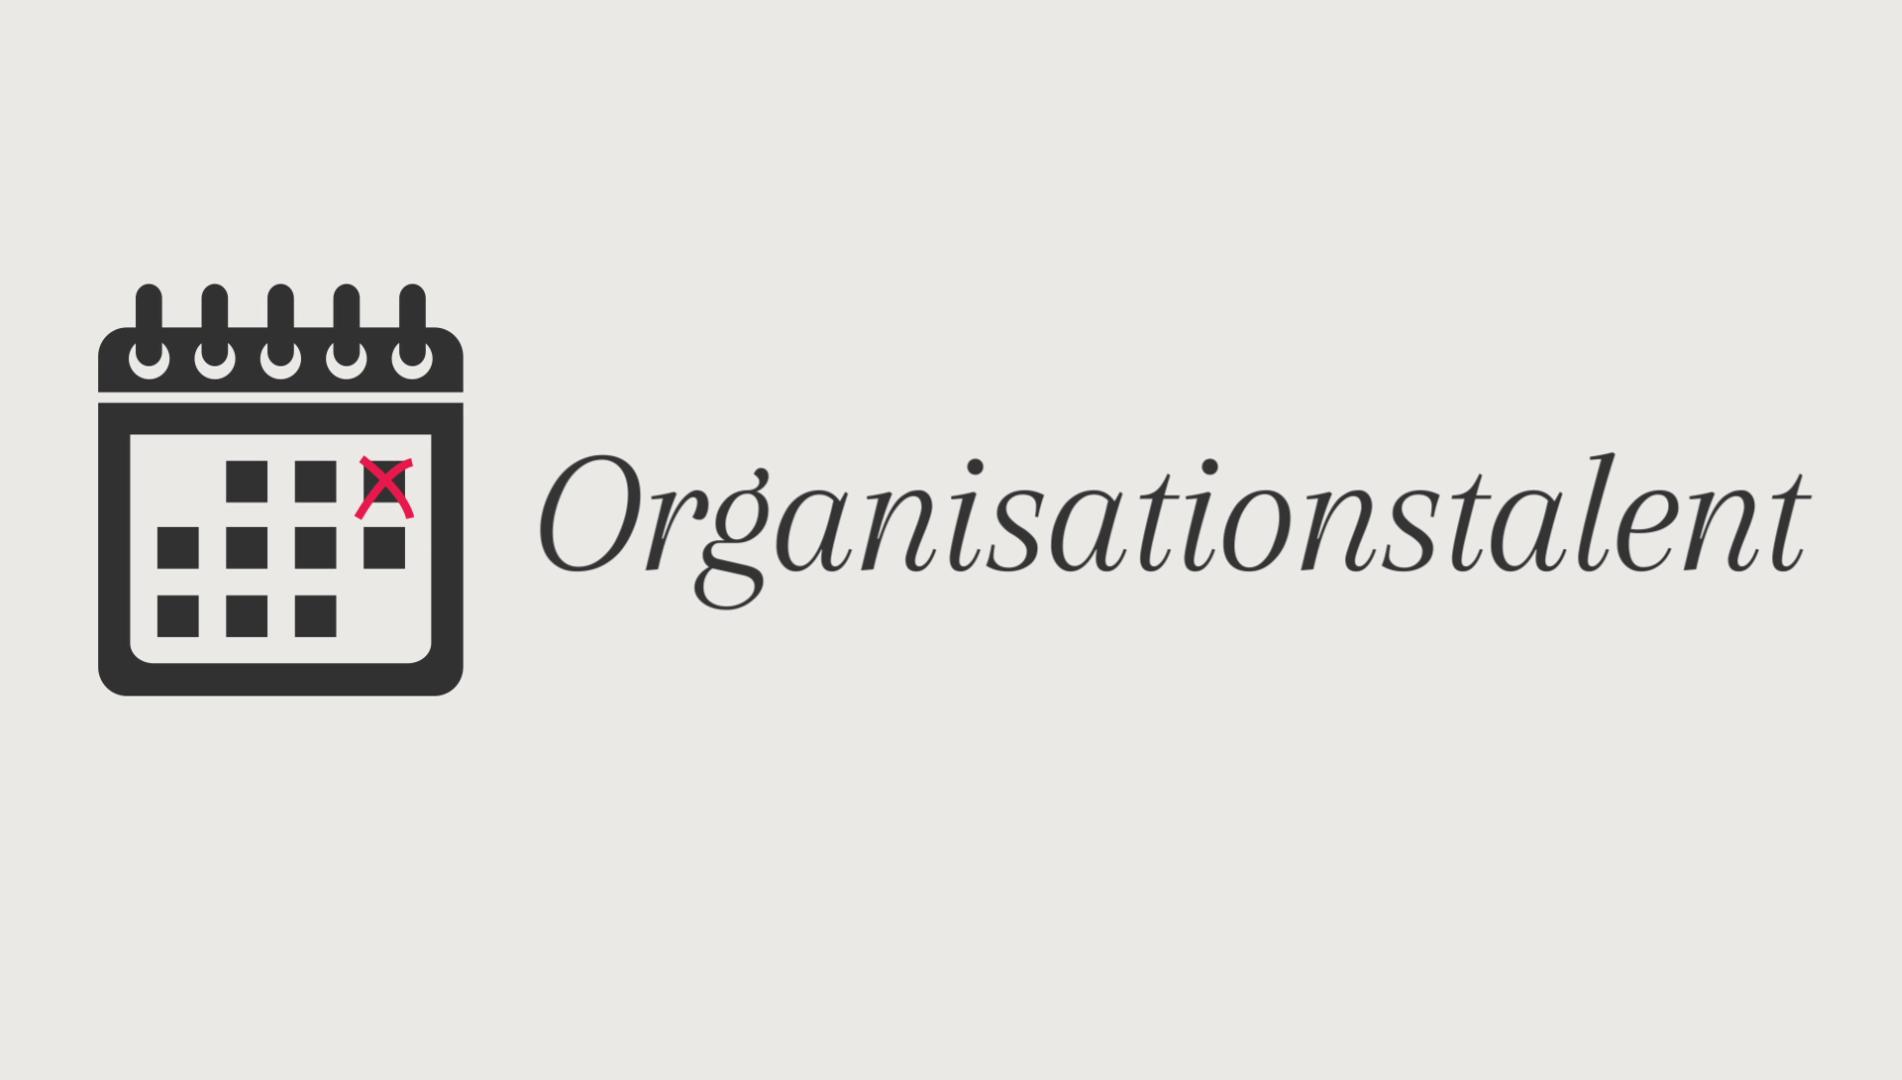 organisationstalent Sternzeichen Jungfrau